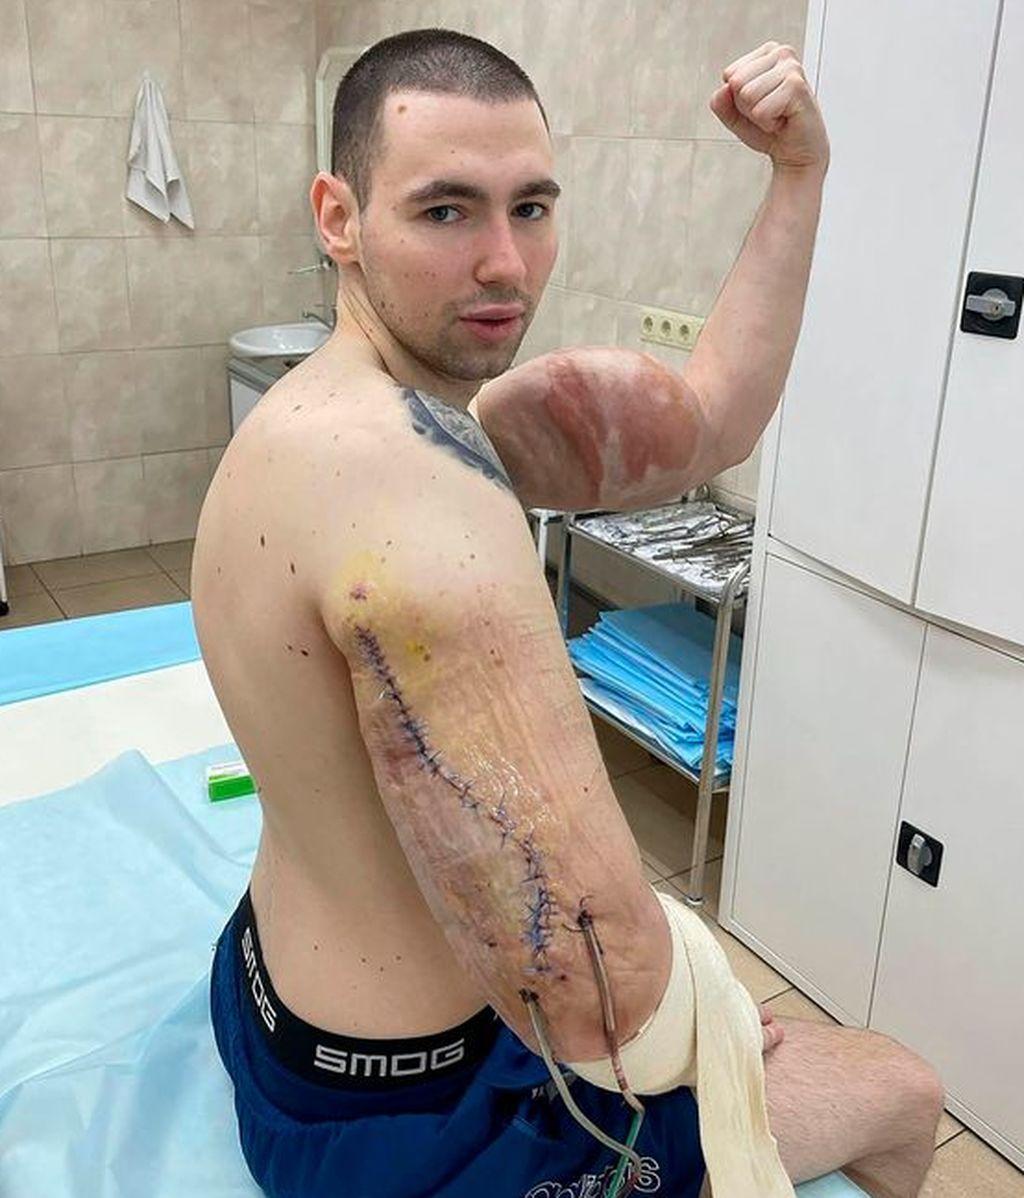 El 'Popeye' de carne y hueso se someterá a una cirugía para rebajar sus músculos falsos